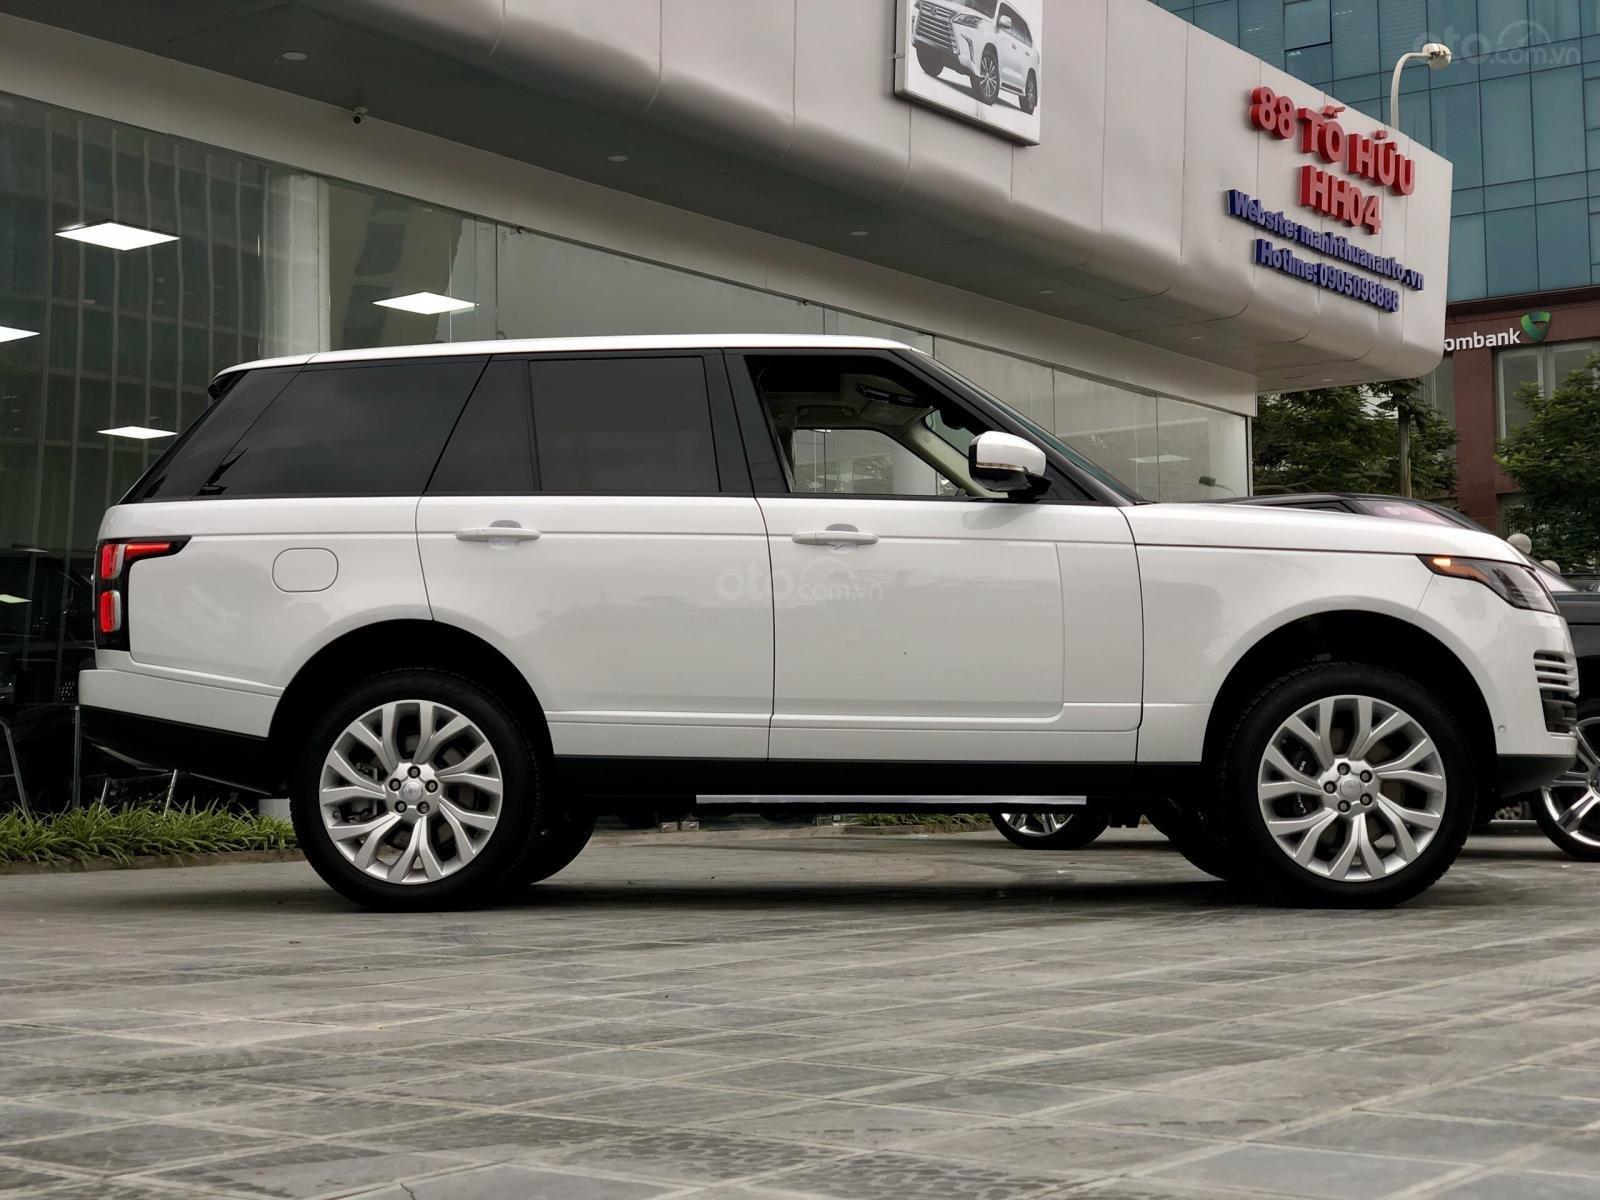 Bán LandRover Range Rover HSE 3.0 năm 2018, màu trắng, nhập khẩu, hỗ trợ ngân hàng 6 tỷ, call: 0914.868.198 (11)